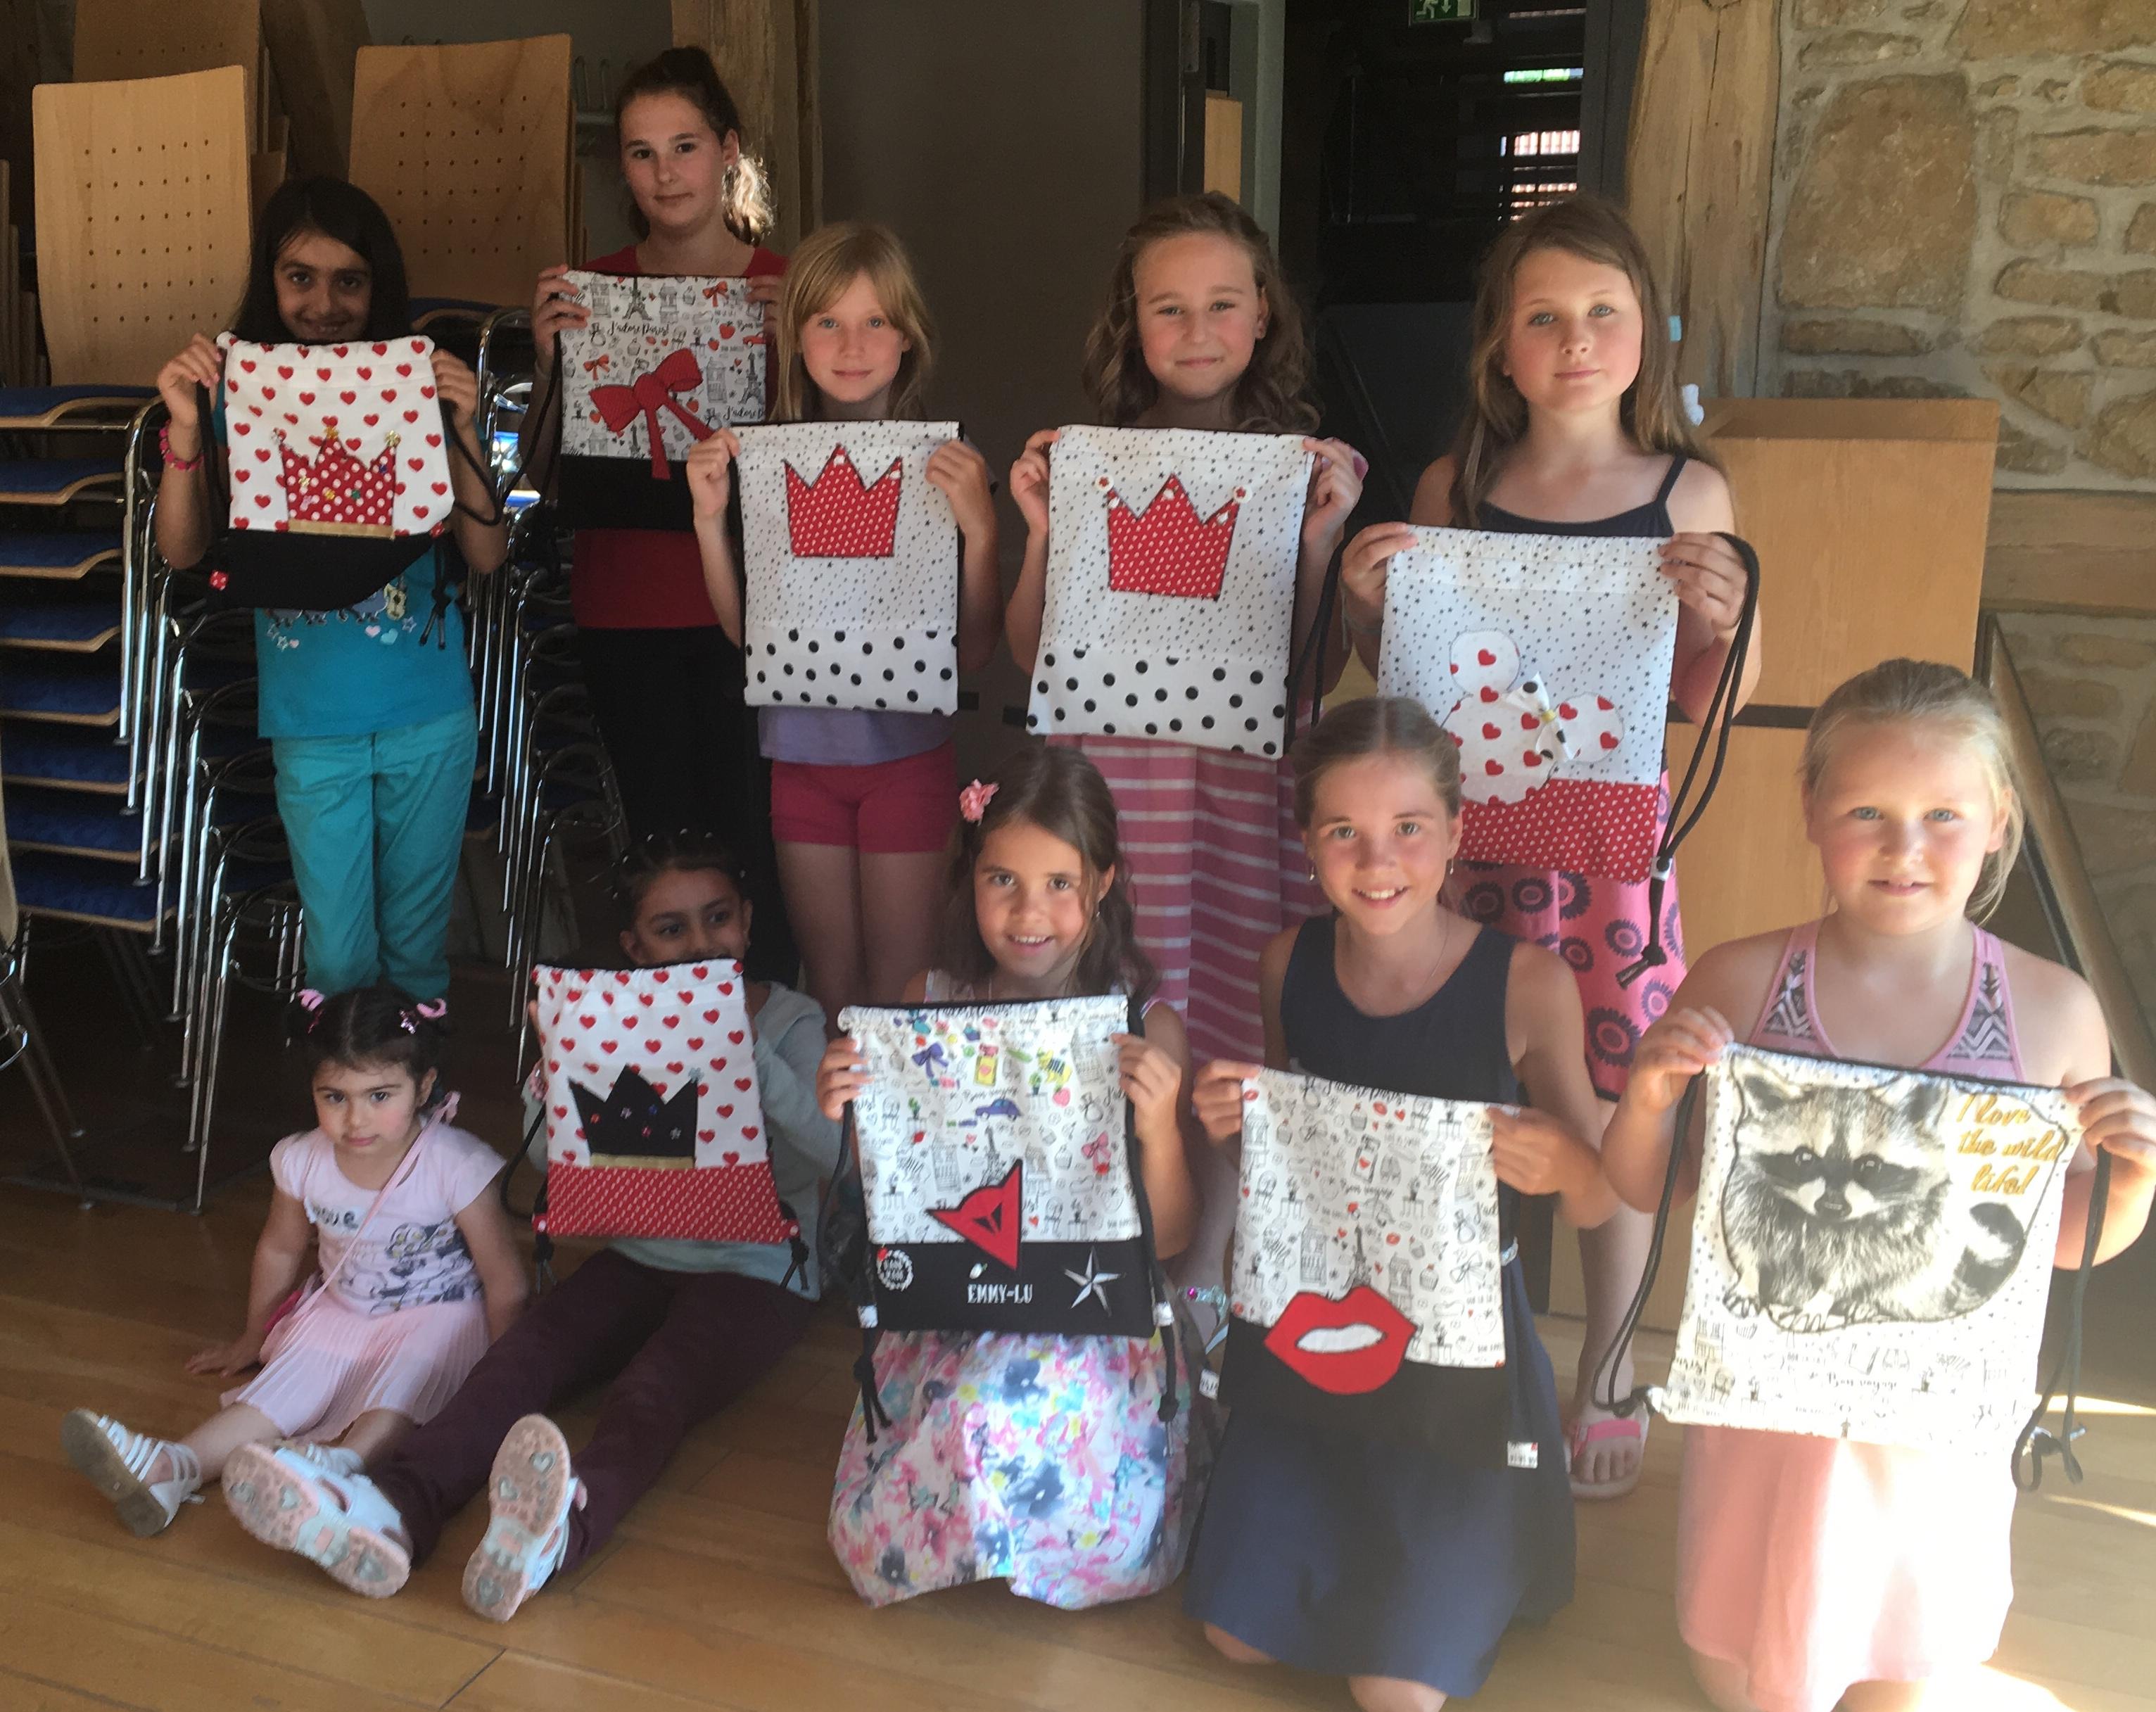 Kinder zeigen stolz Ihre selbst gestalteten Taschen.